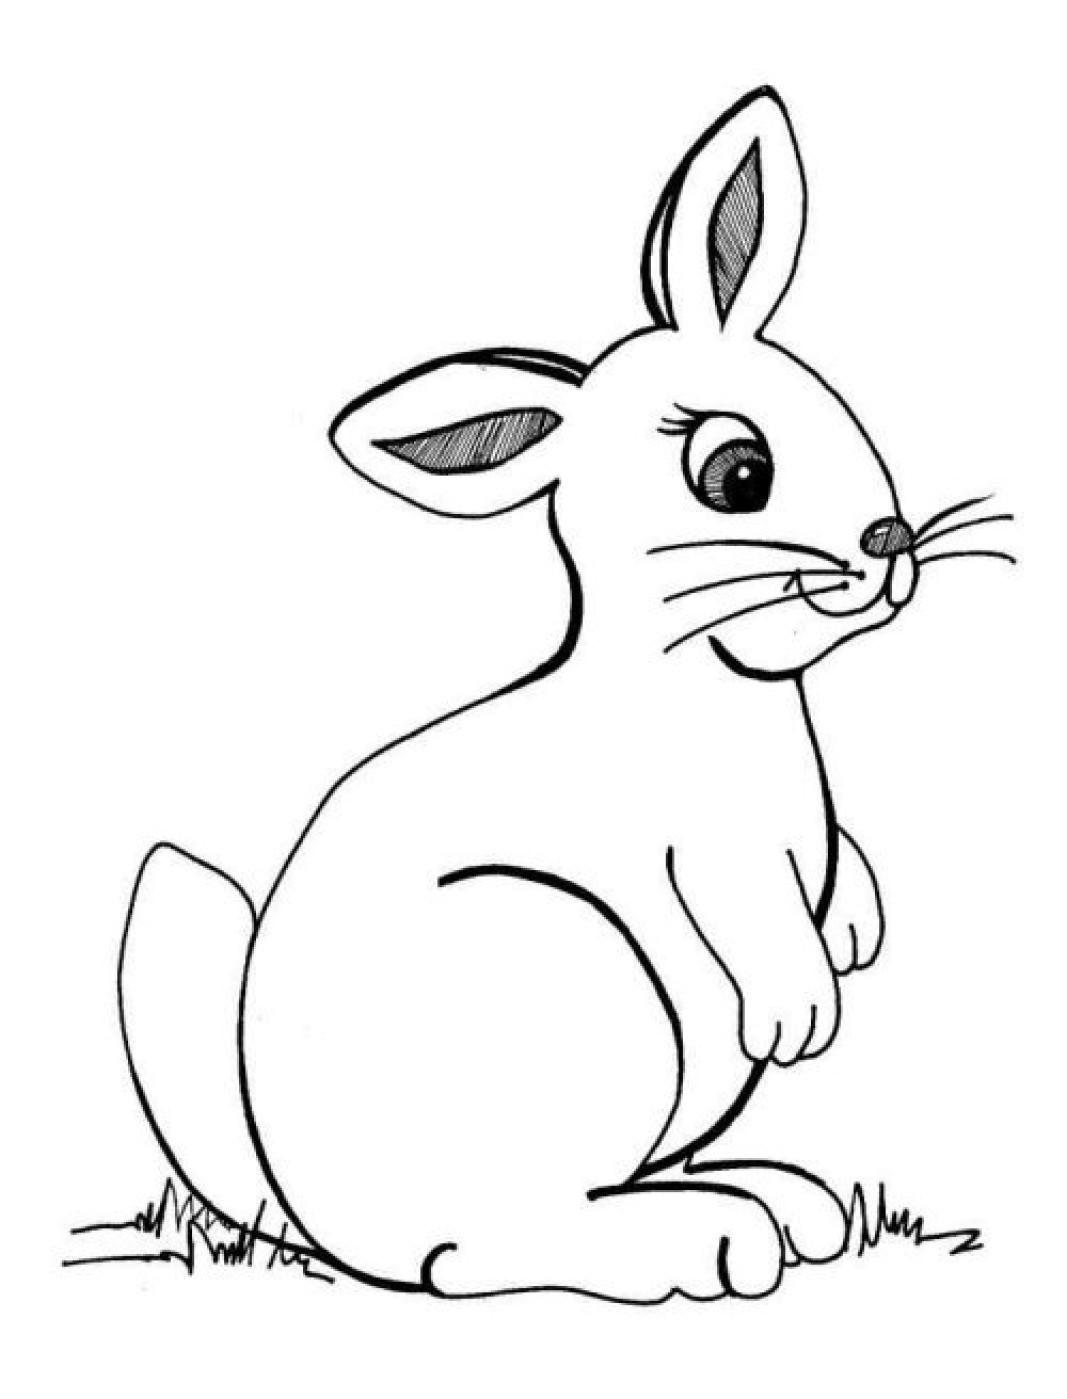 Hasen Bilder Zum Ausdrucken Kostenlos Das Beste Von Ausmalbild Hase Frisch Ausmalbilder Hasen Kostenlos Fotografieren